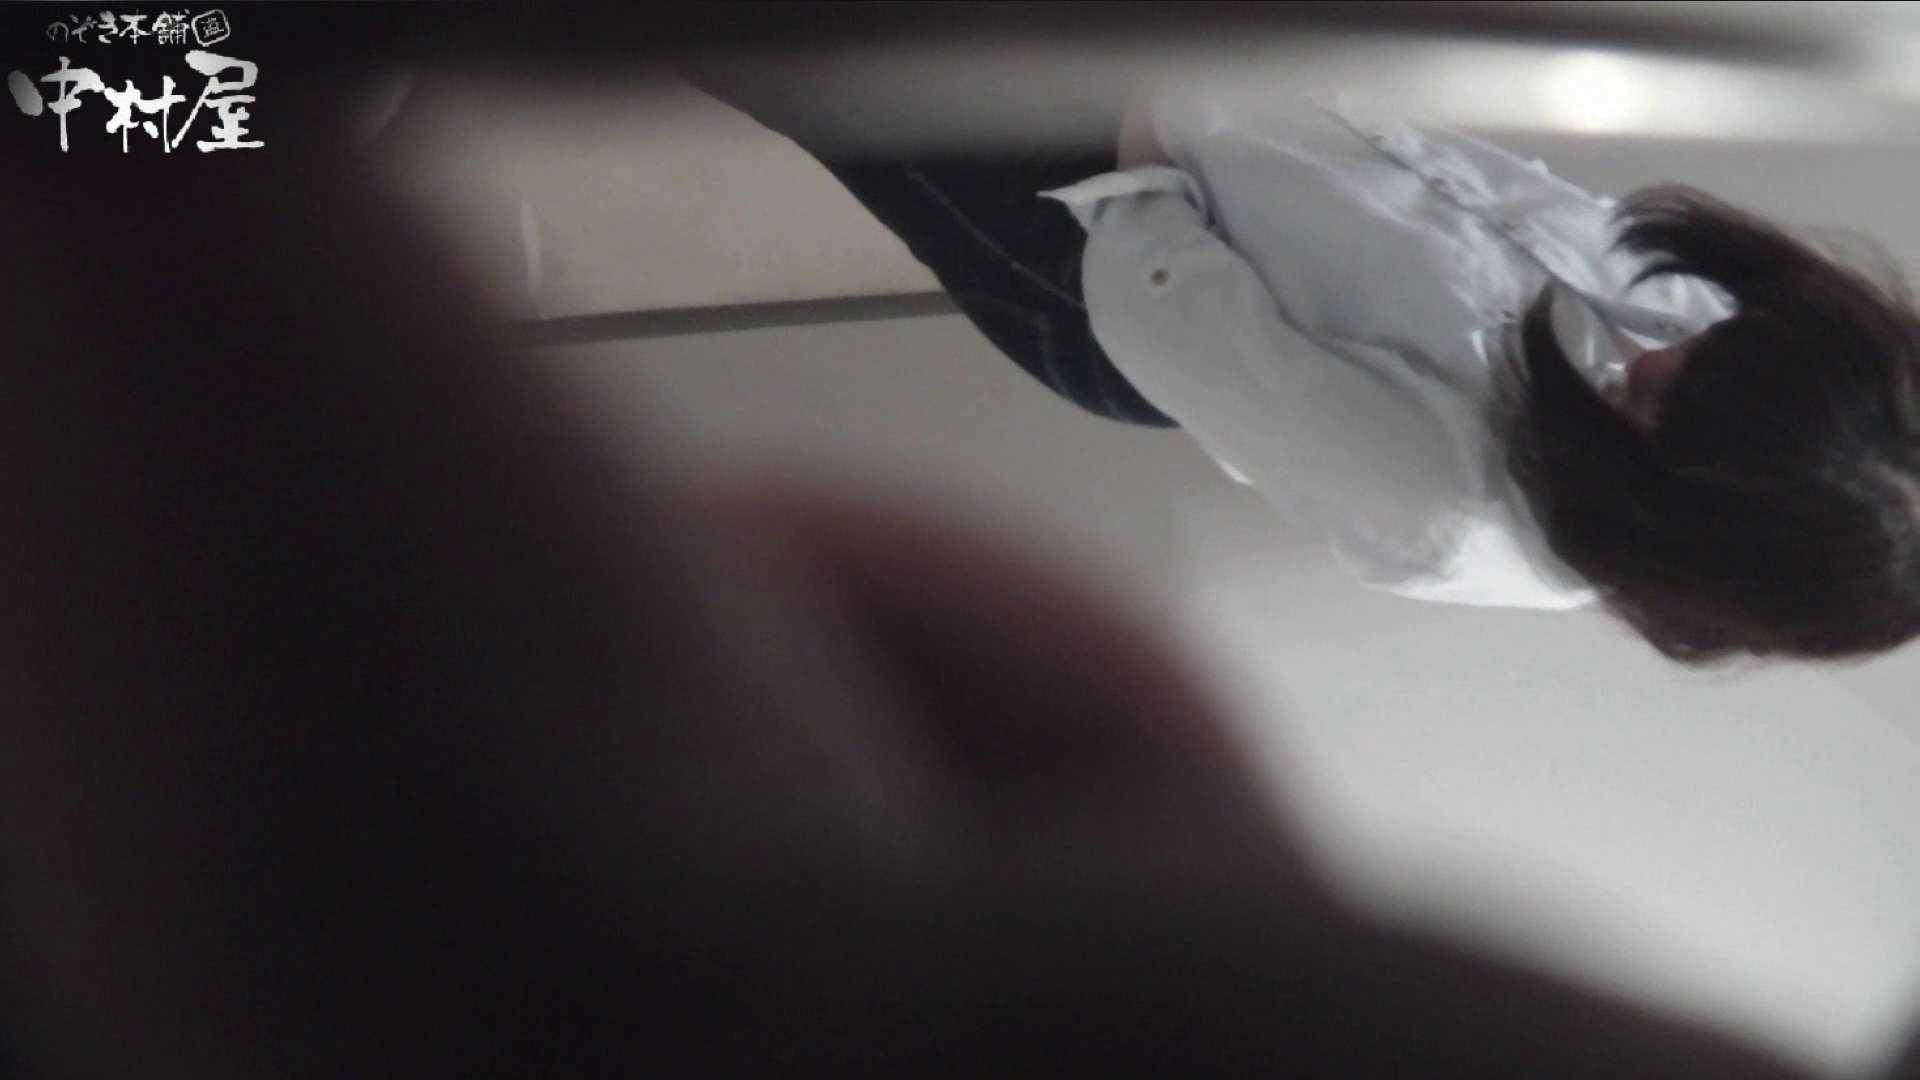 アダルトエロ動画 vol.03 命がけ潜伏洗面所! おねぃさんの日常 のぞき本舗 中村屋